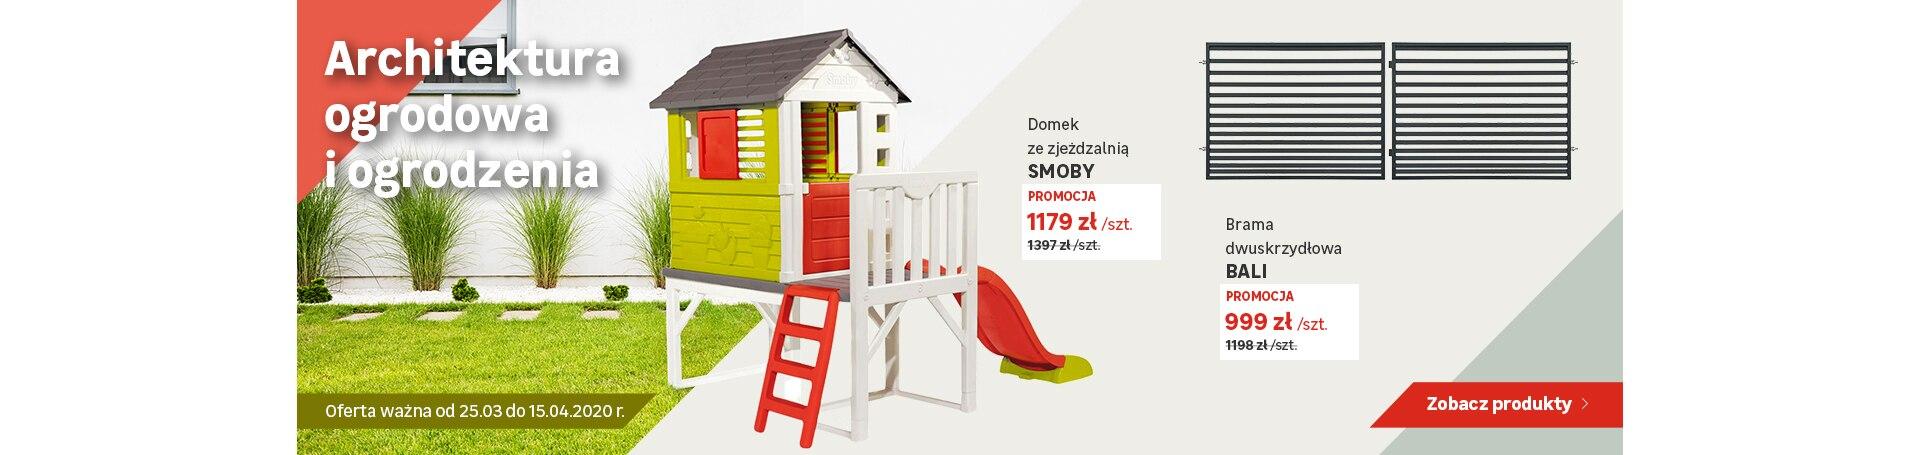 rr-ogrodzenia-25.03-15.04.2020-1323x455